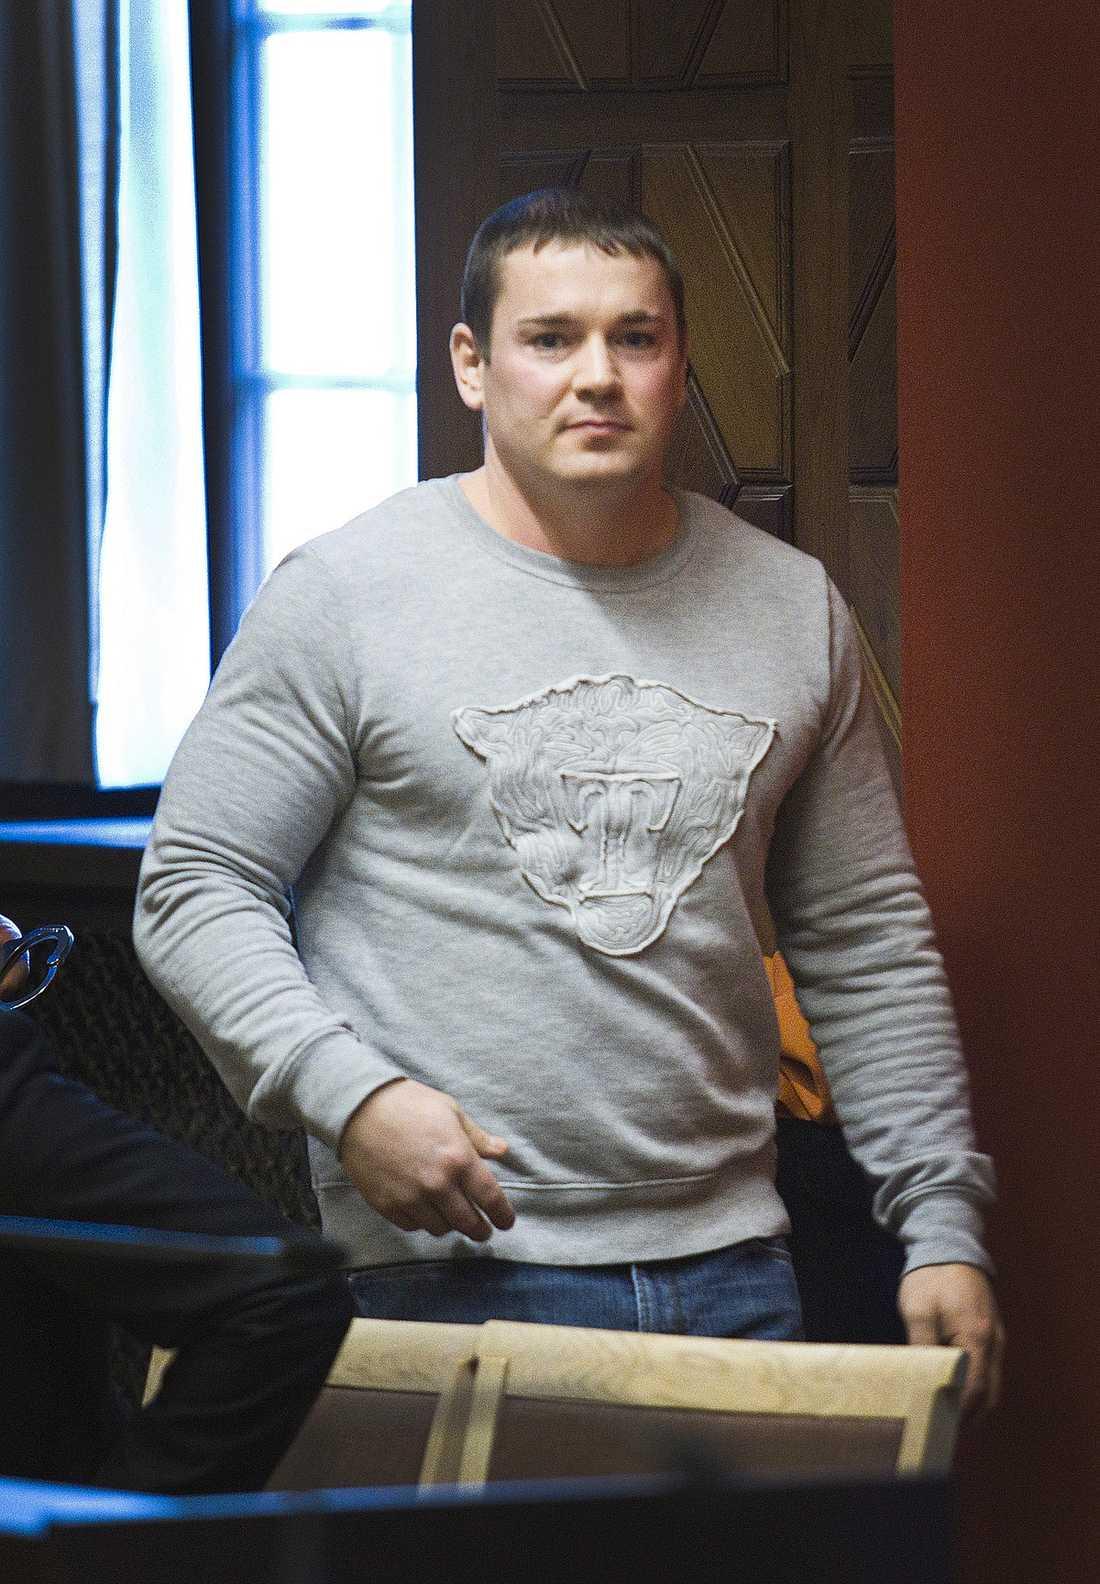 RIKSDAGEN VAR MÅLET  Anders Hagström tillhörde tidigare en nazistisk terrorgrupp som planerade ett angrepp mot Sveriges riksdag.